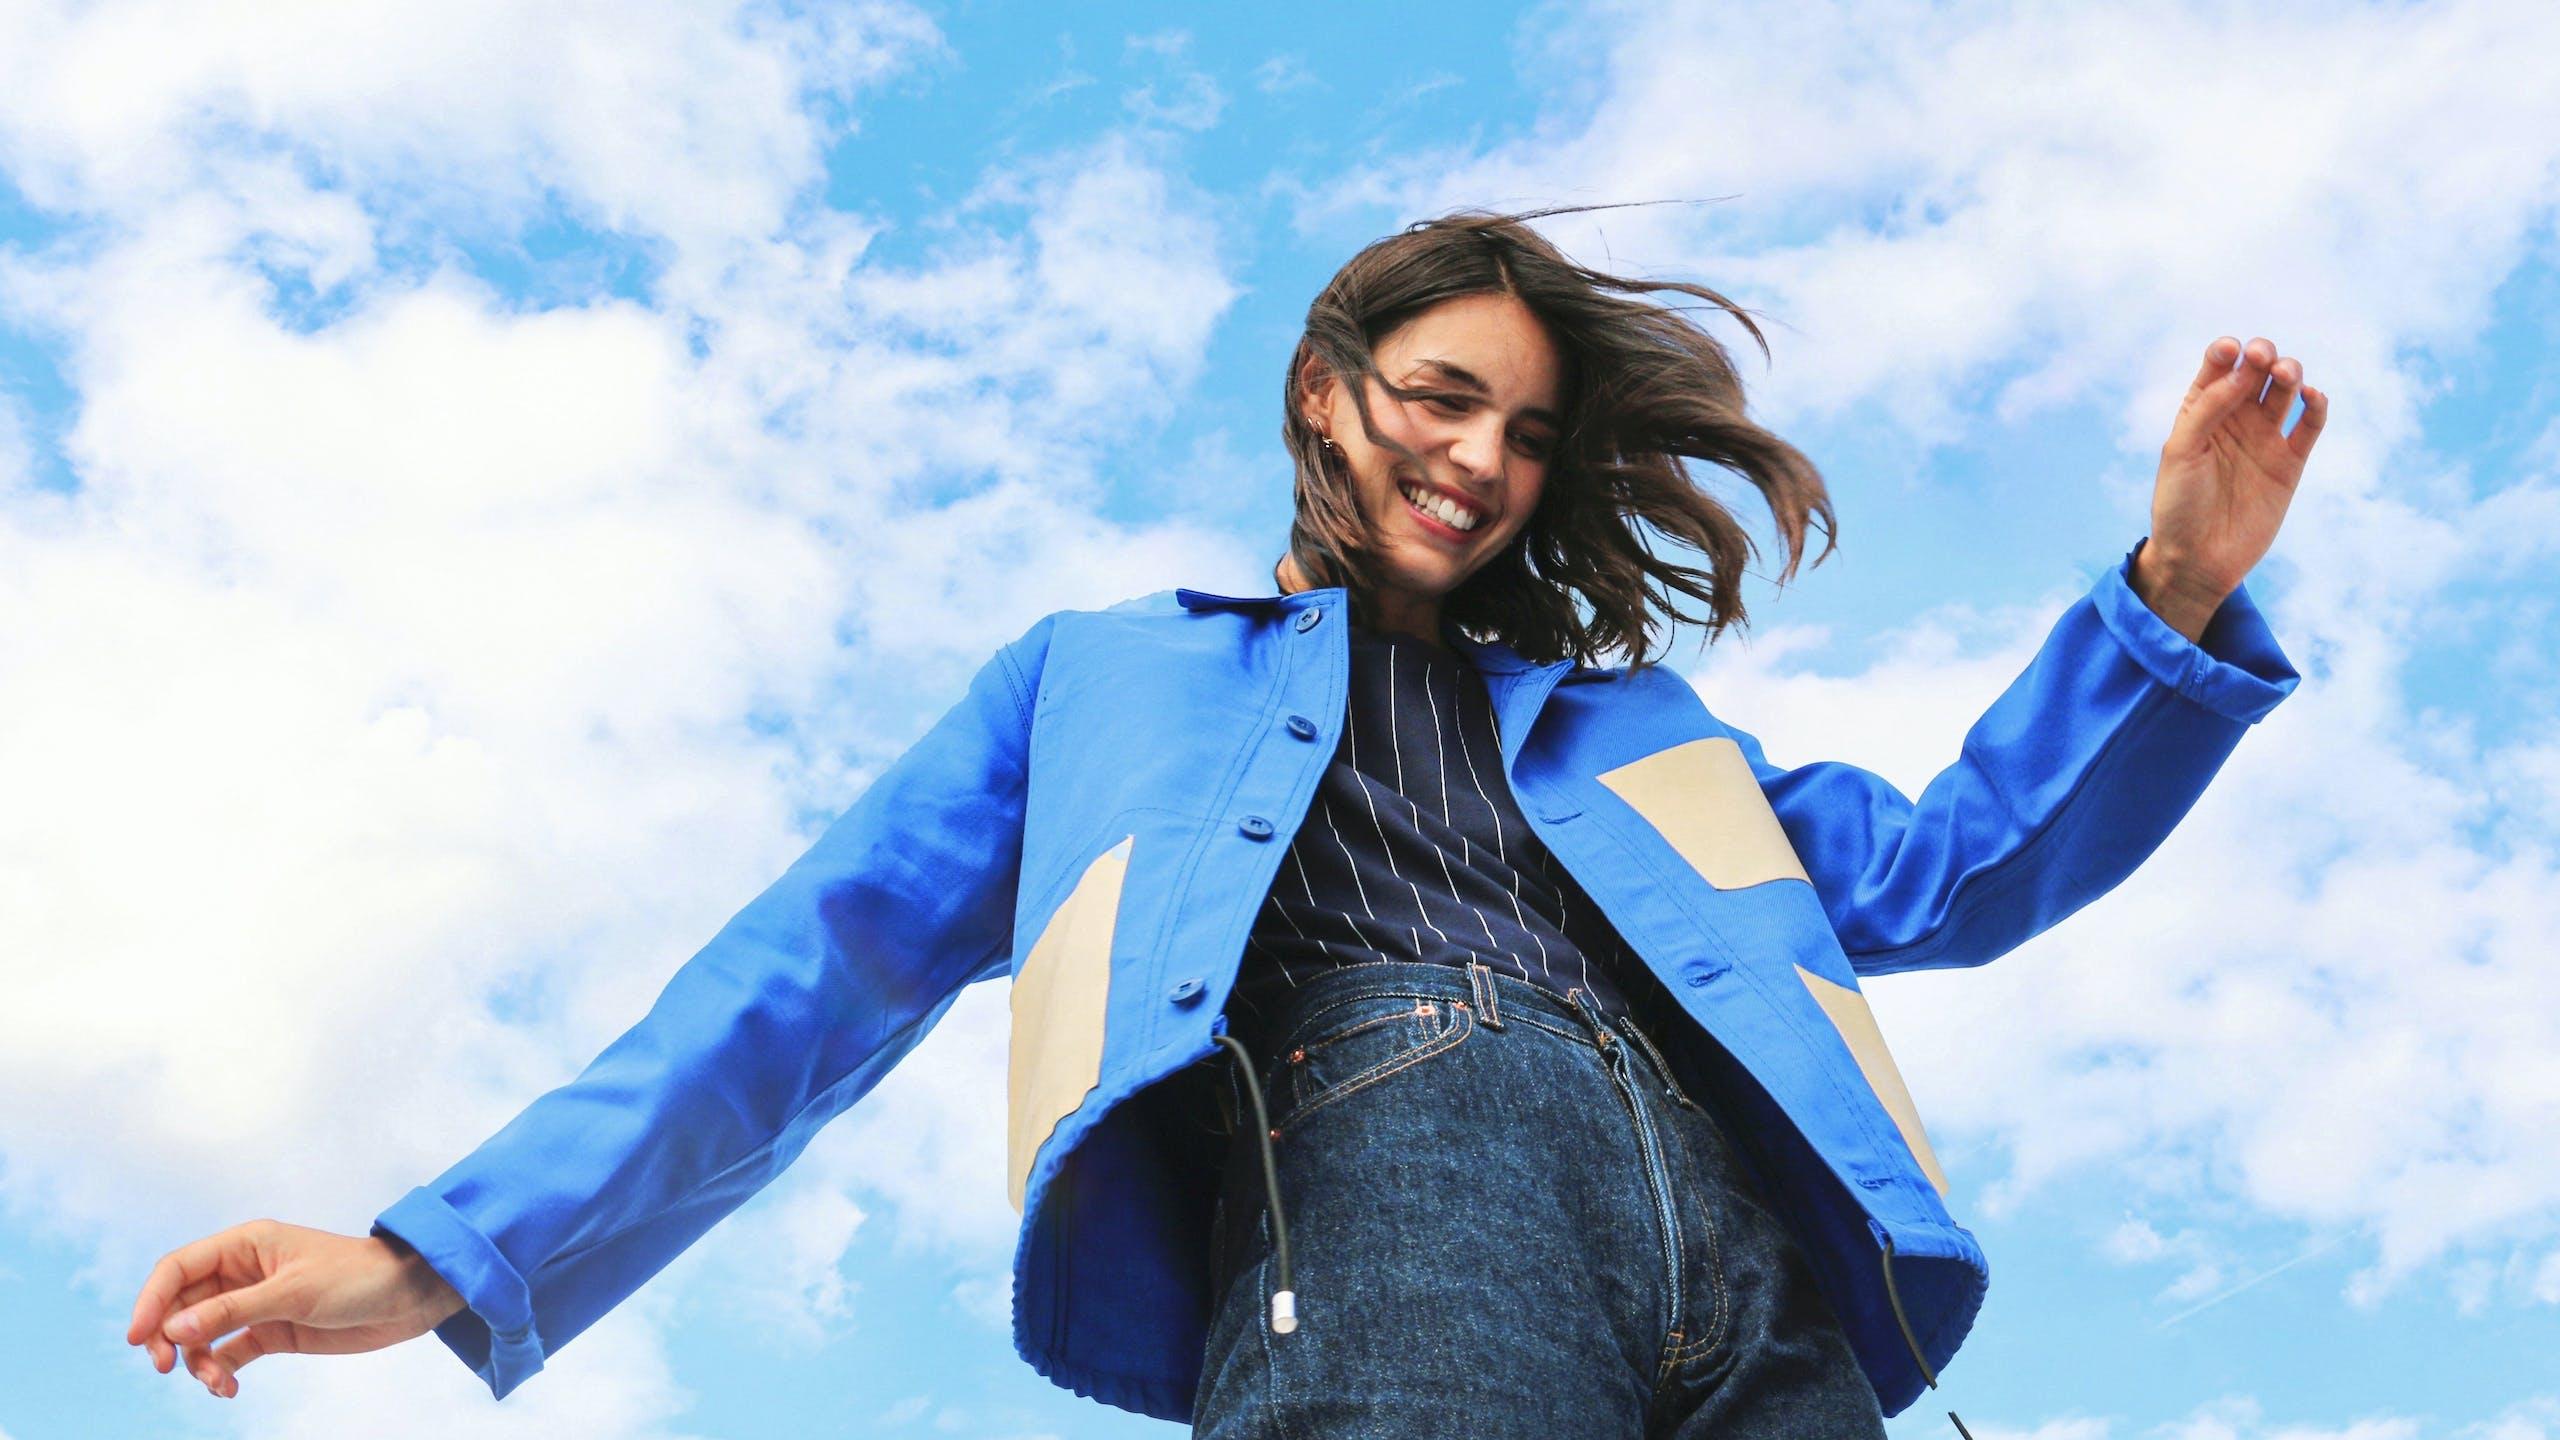 photo femme souriante ciel bleu